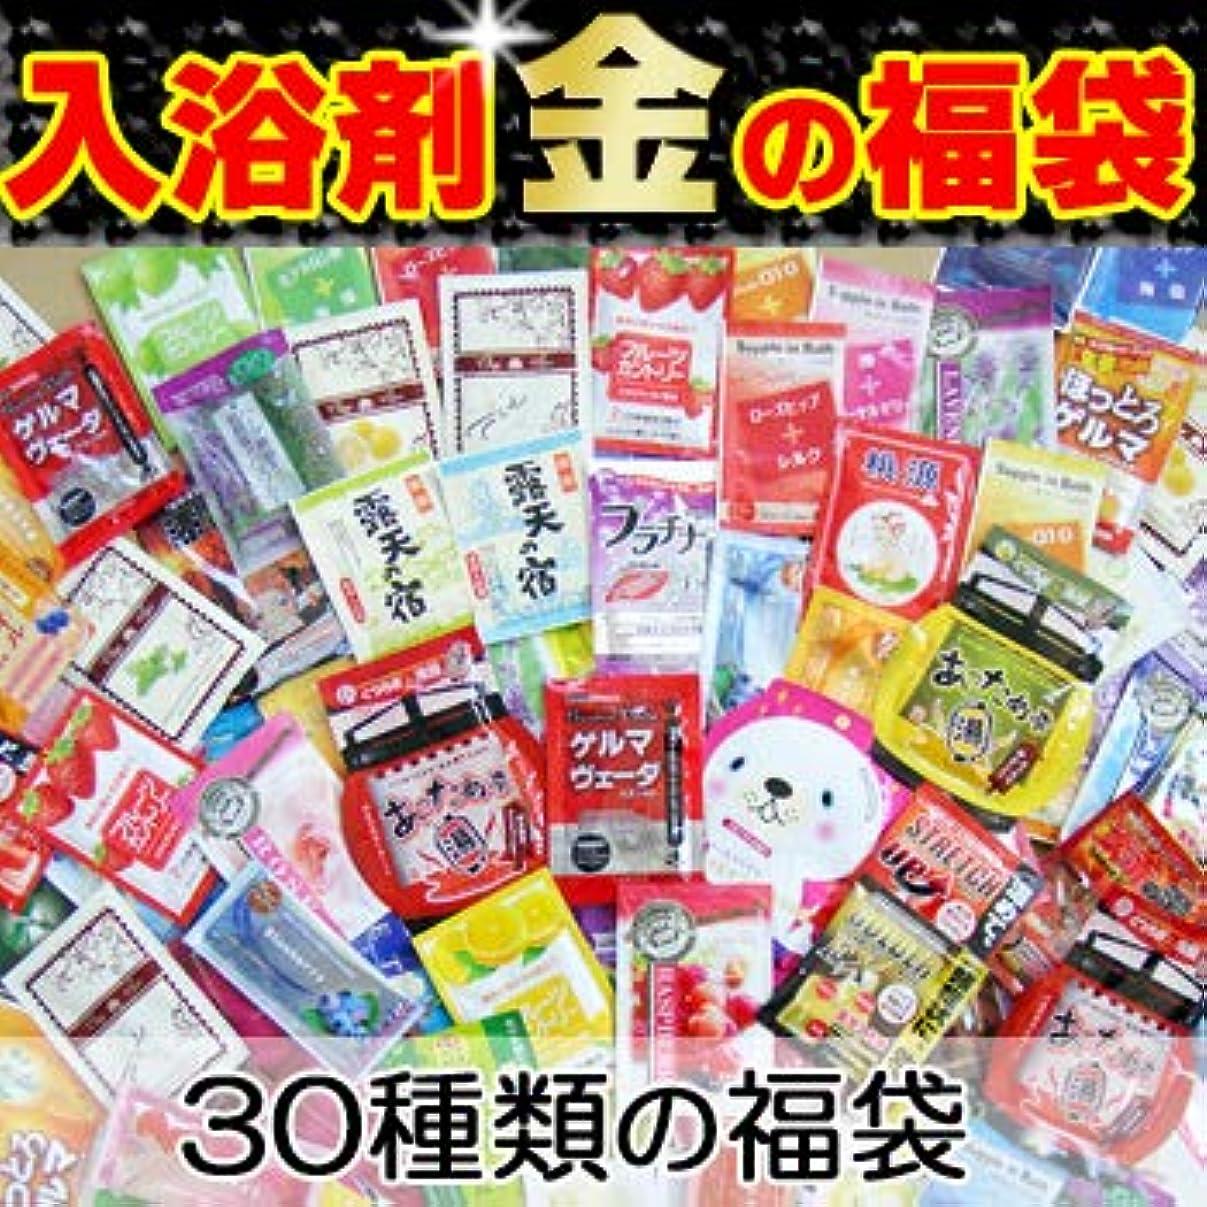 調整する反発するとげお試し入浴剤 金の福袋30種類!30日分 入浴剤福袋 安心の日本製!